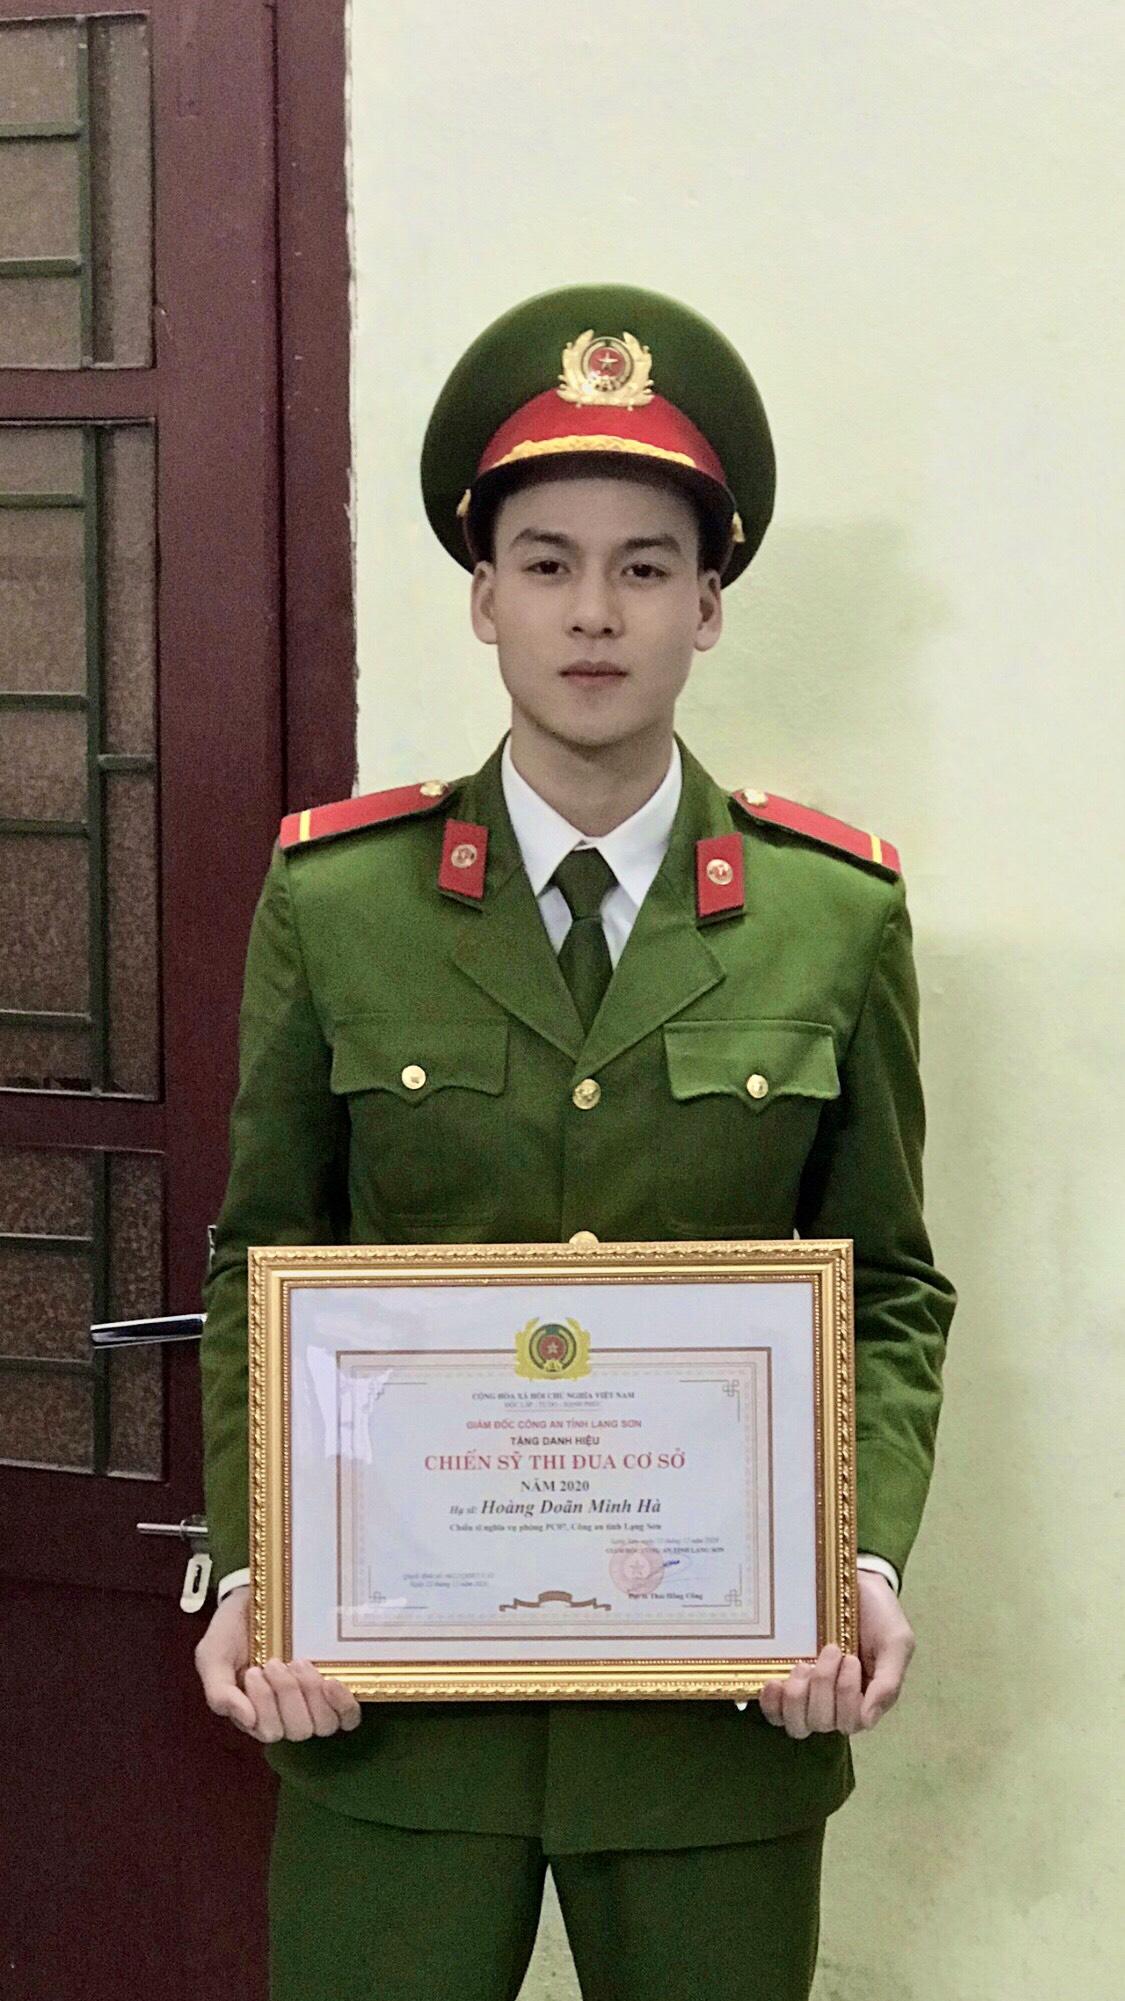 Minh Hà được đơn vị tặng bằng khen Chiến sĩ thi đua cấp cơ sở.